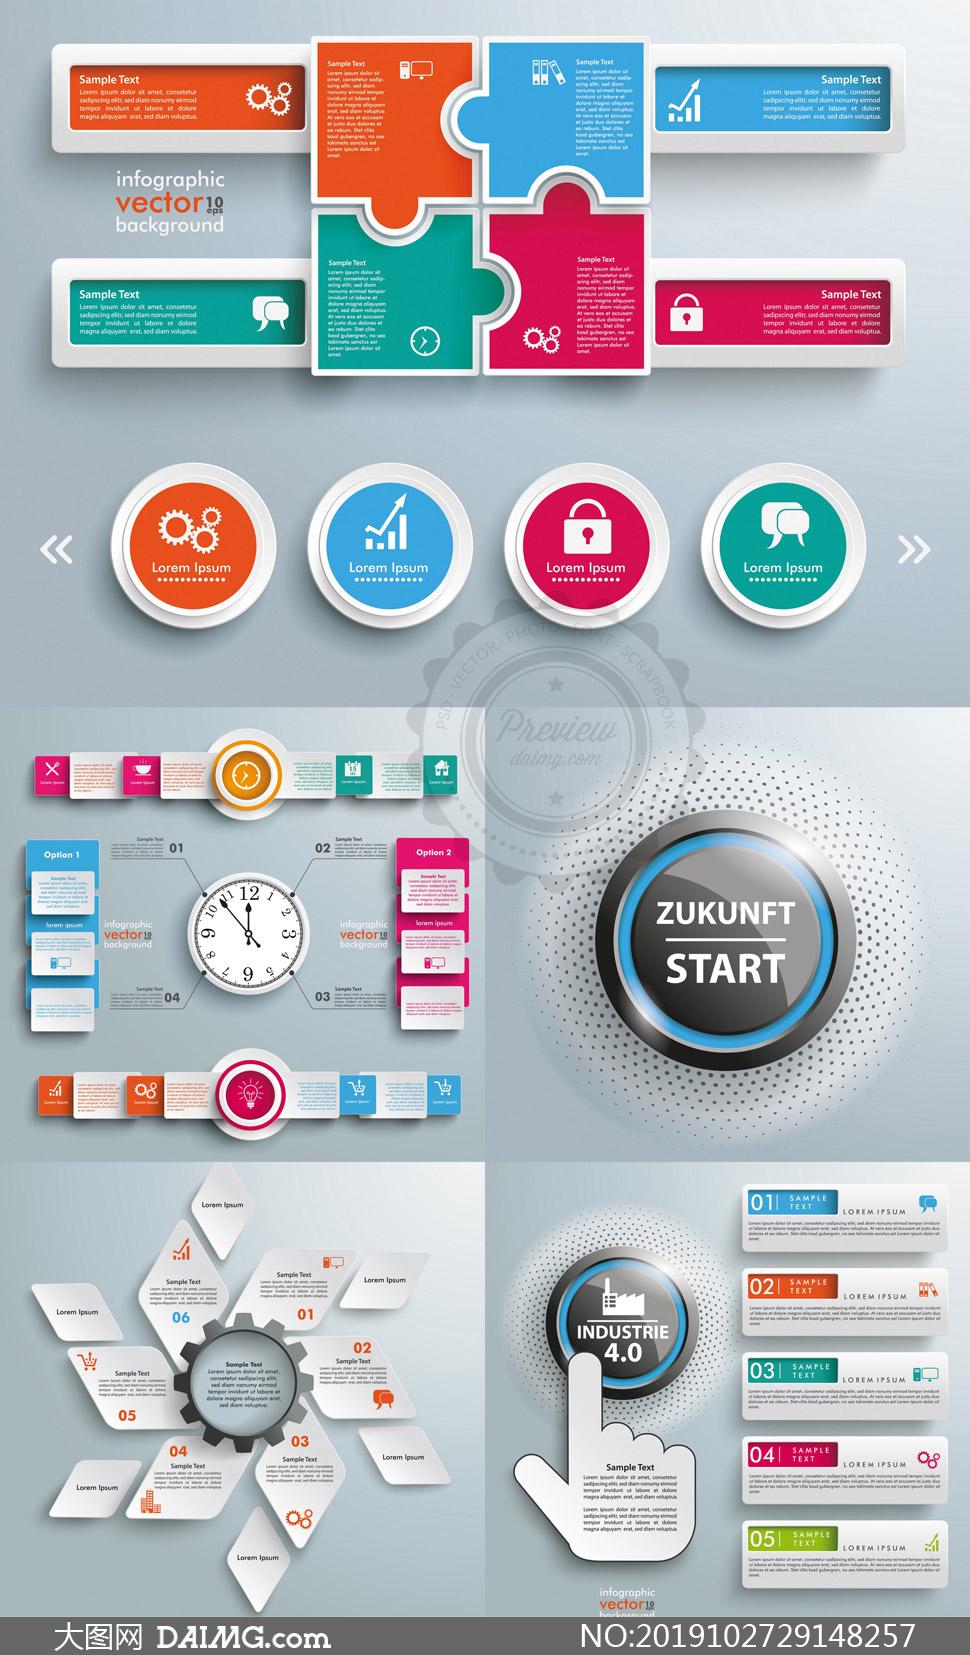 圆形按钮与信息图创意设计矢量素材